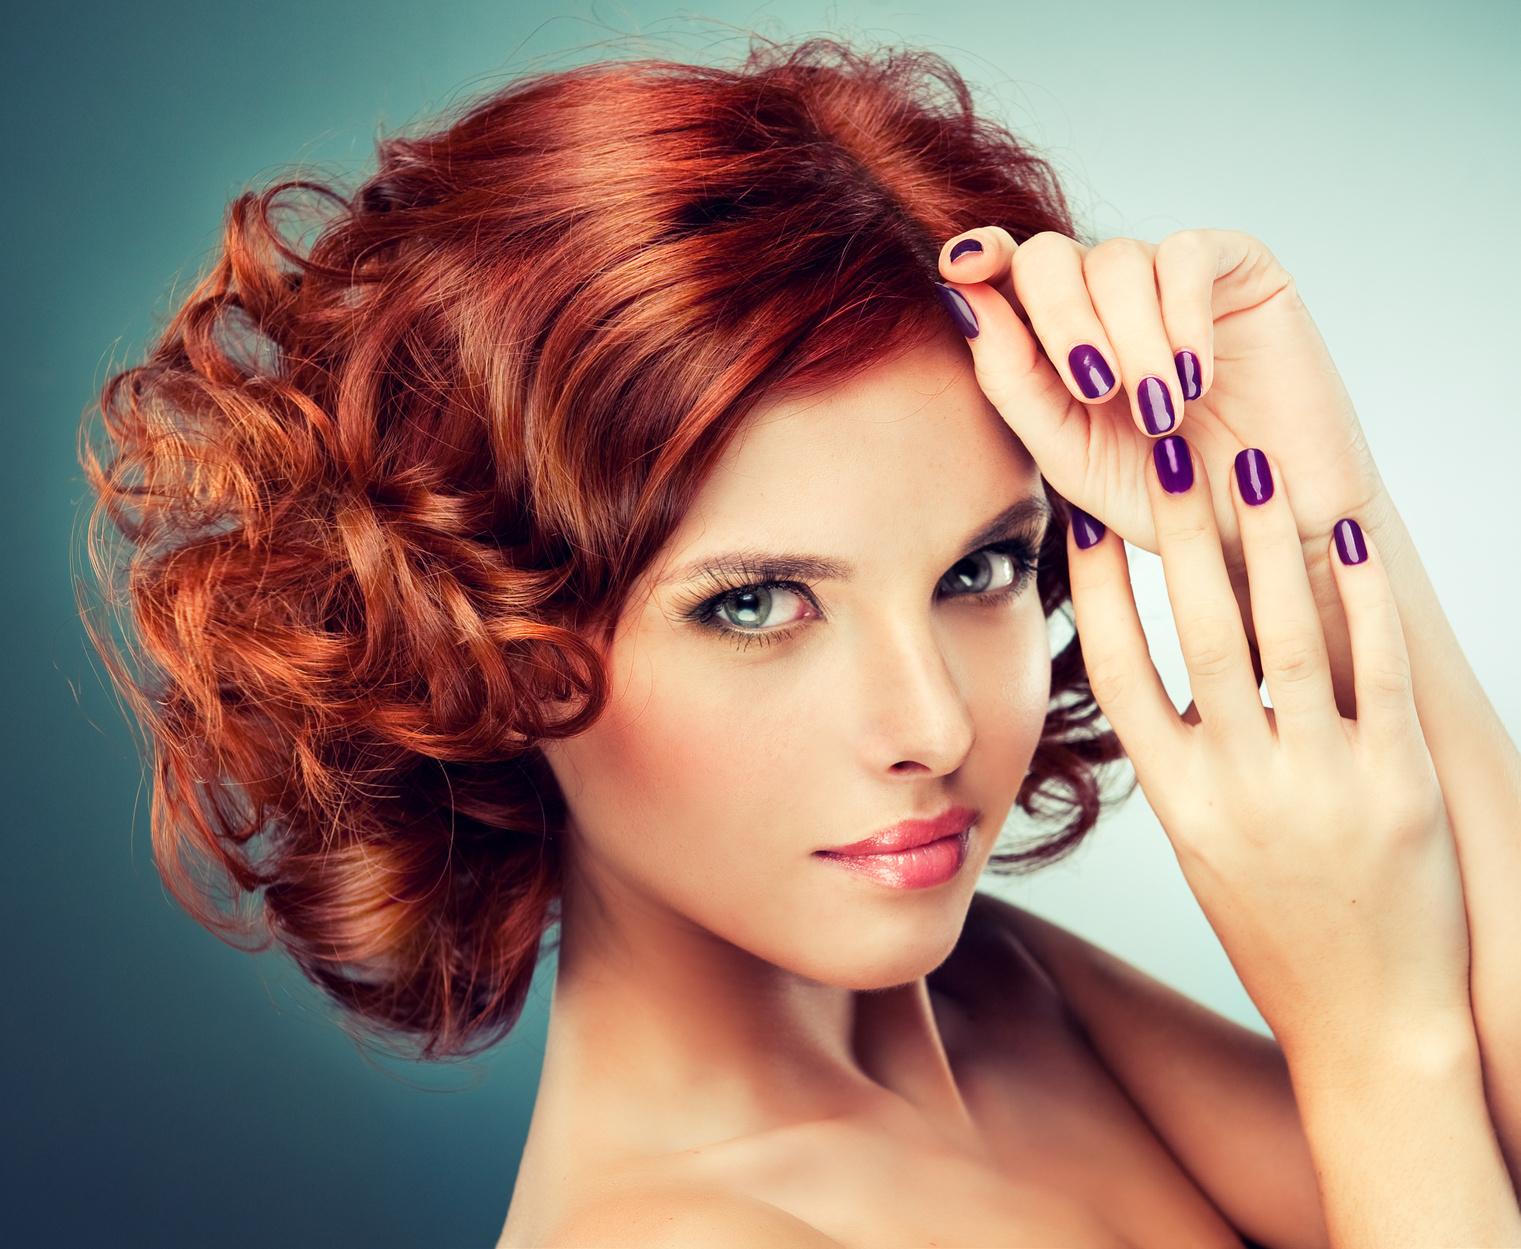 coloration rousse la couleur tendance actuellement - Coloration Rousse